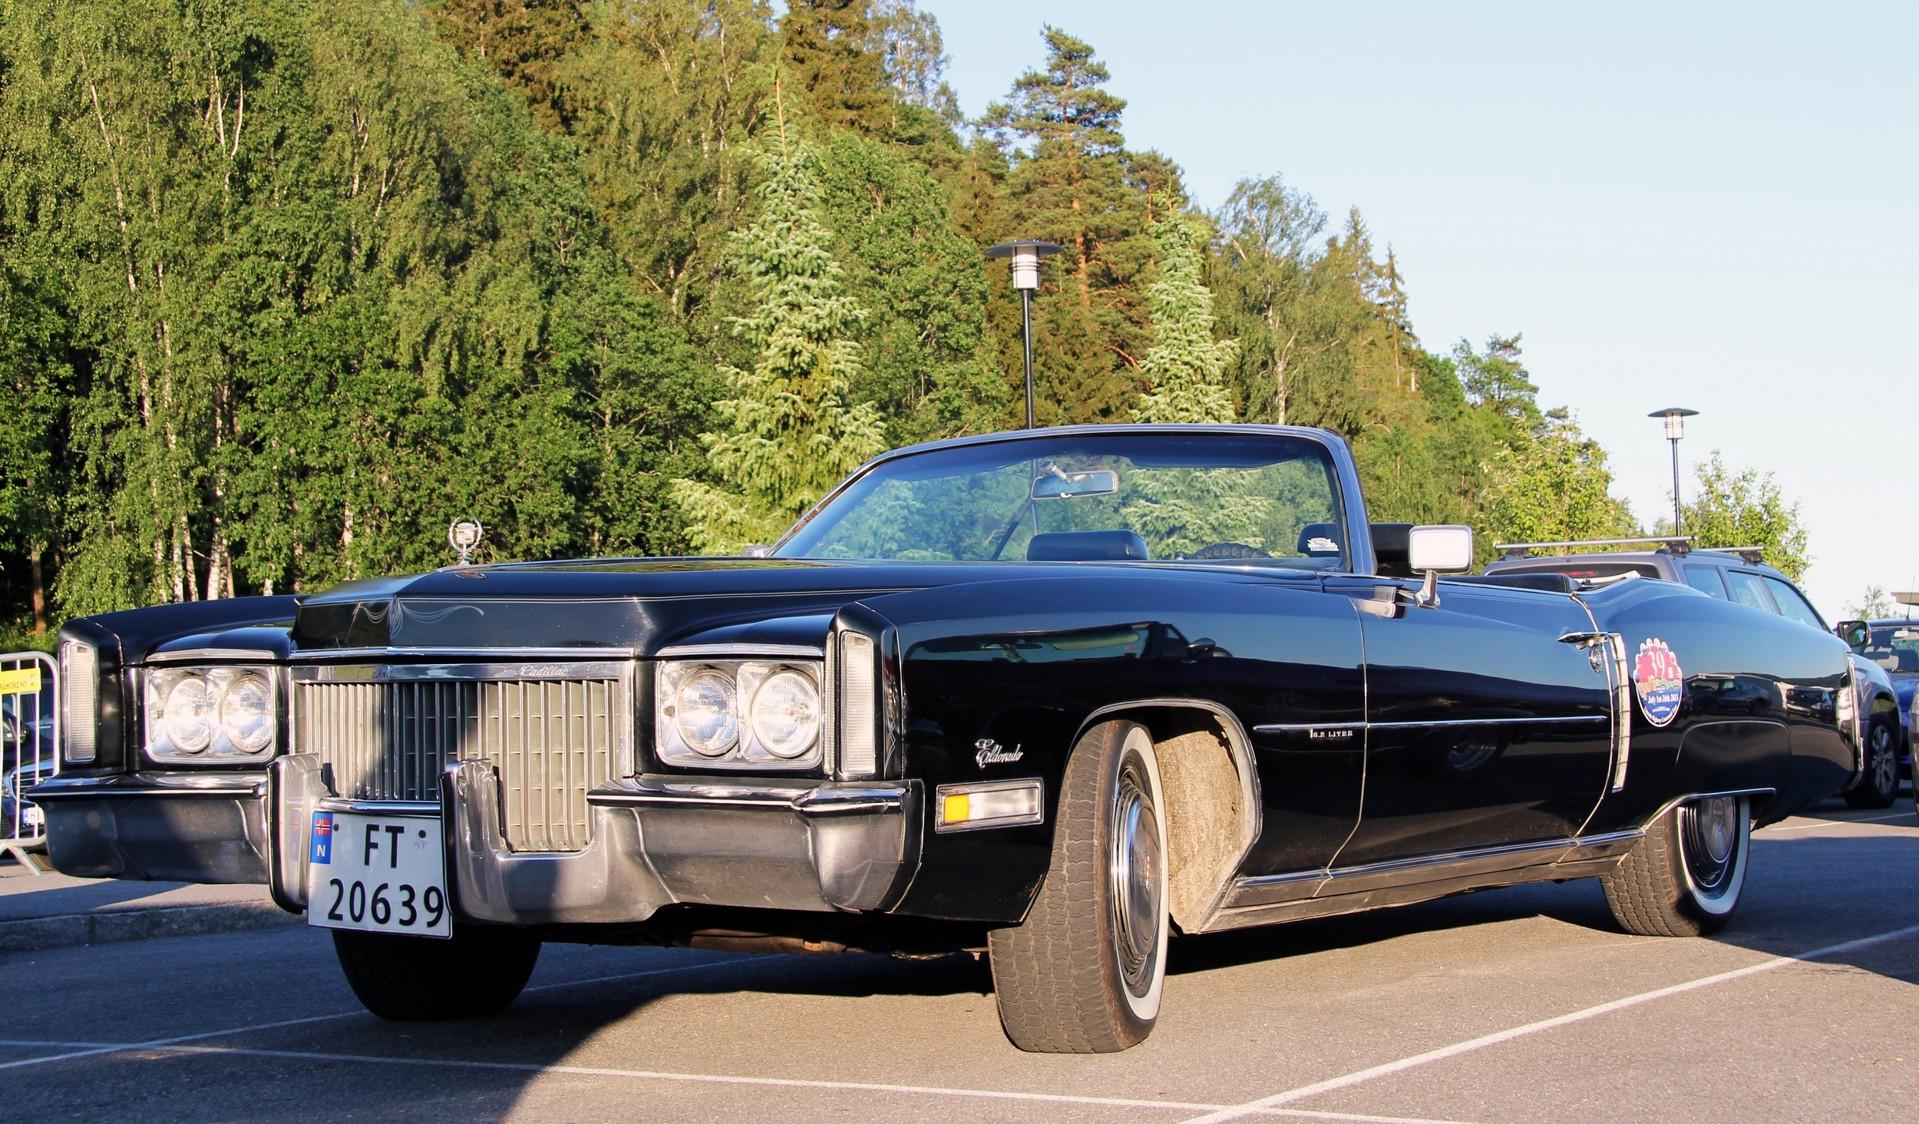 135-1972 Cadillac Eldorado convertible. Eiere- Eli